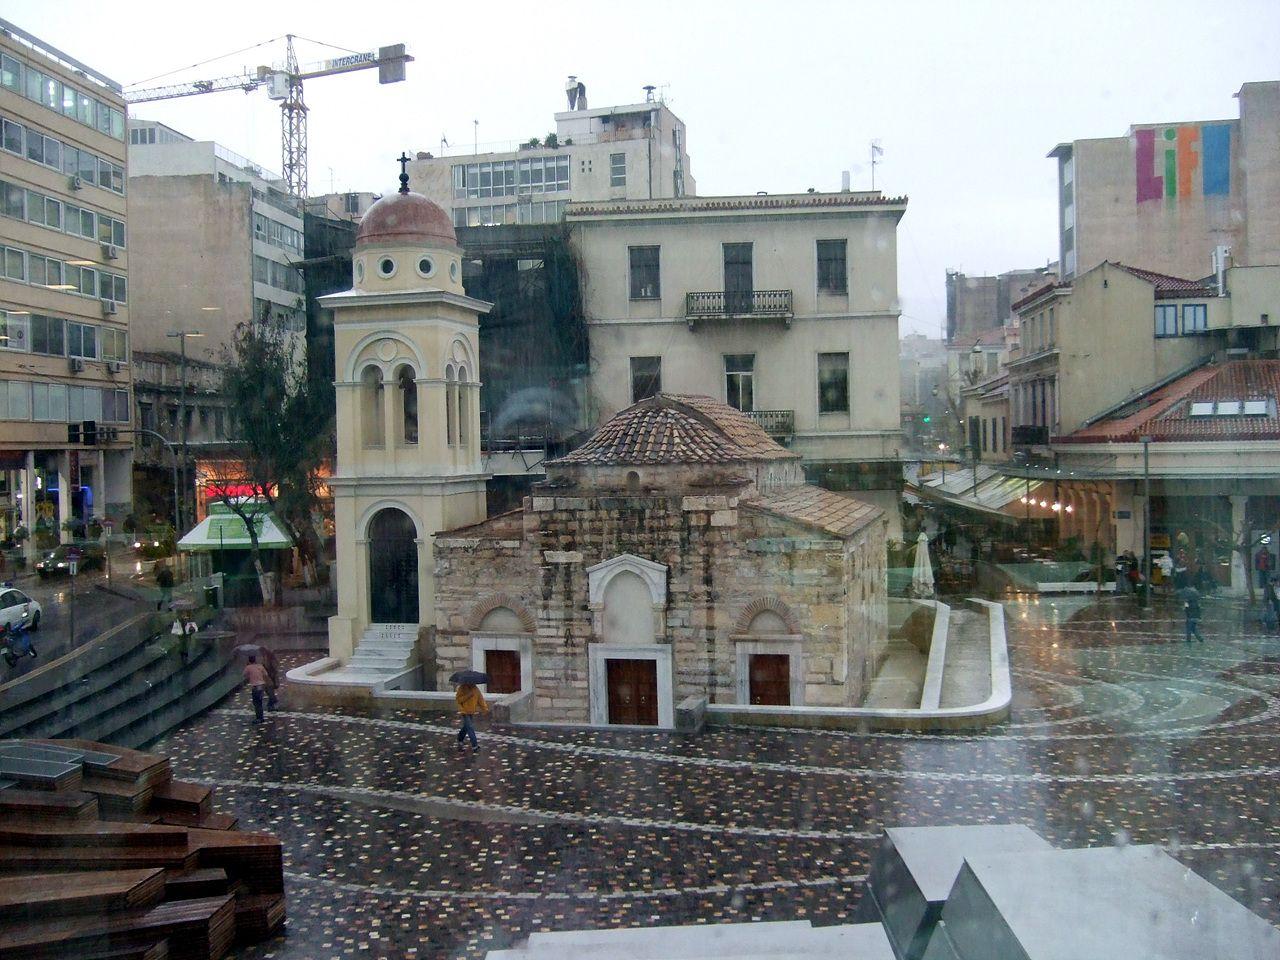 Il vecchio e il nuovo: la chiesetta di Monastiraki sovrastata da una gru.